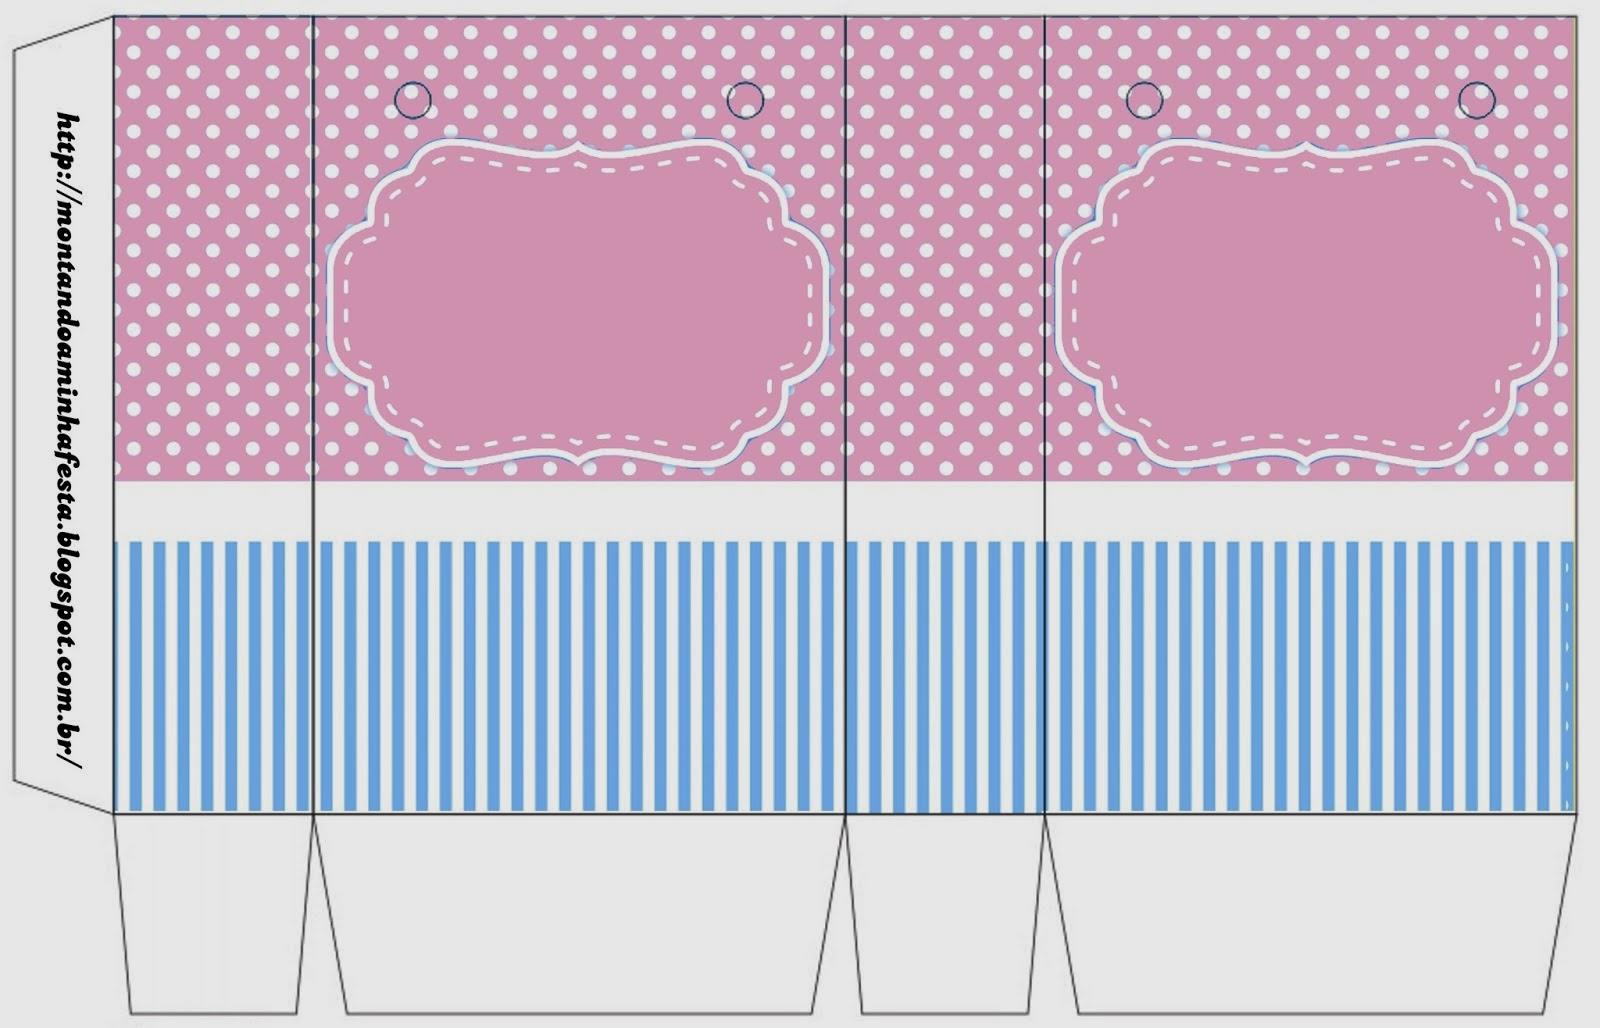 Rosado y Celeste: Cajas para Imprimir Gratis. | Ideas y ...